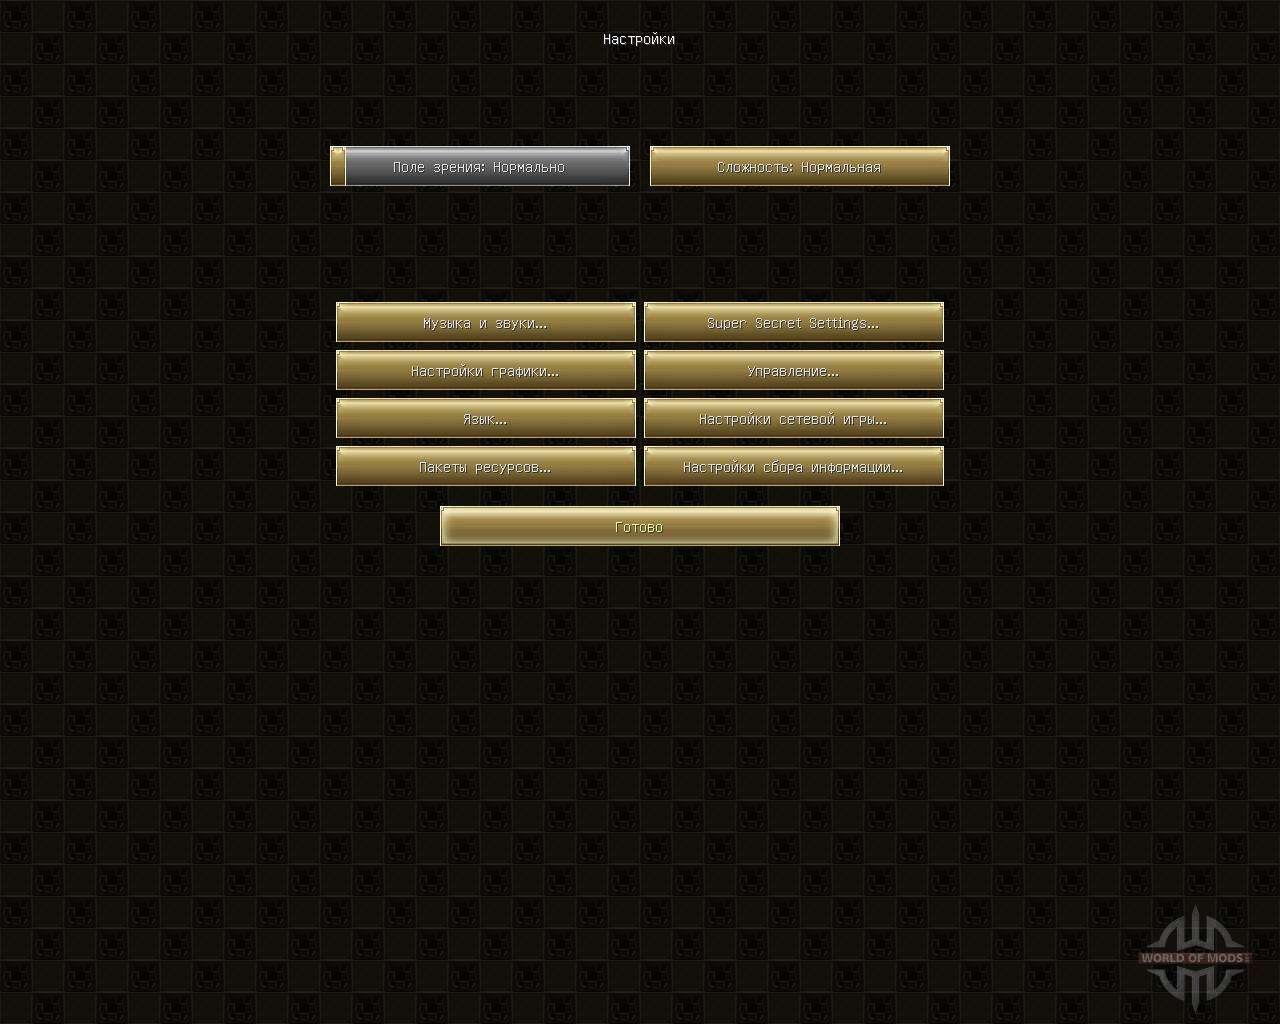 Runescape servers download